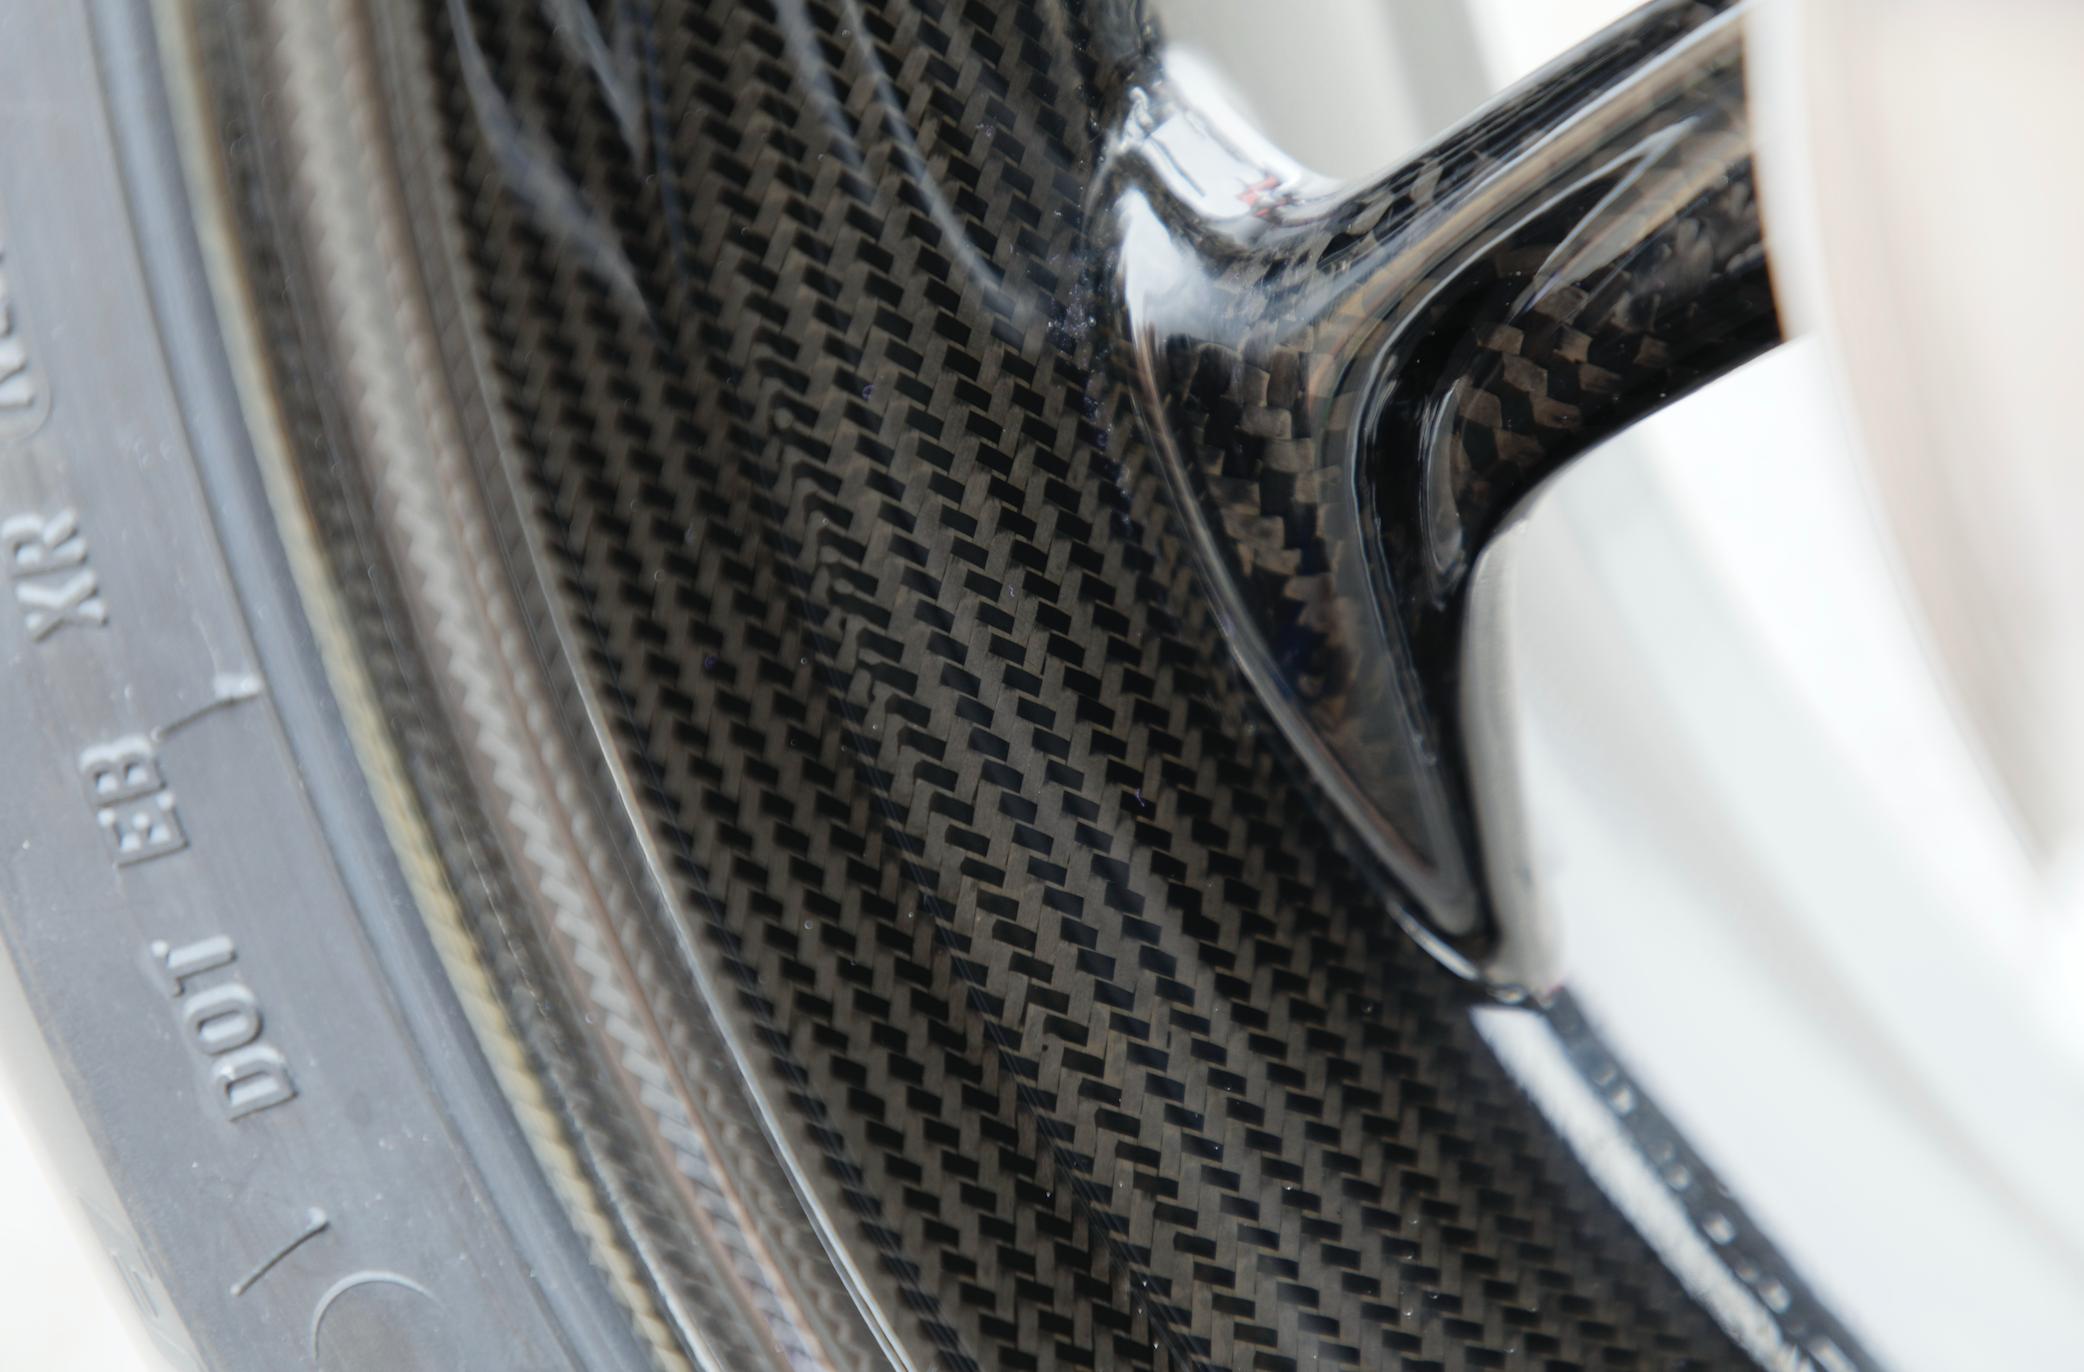 ล้อ BMW S1000RR 2019